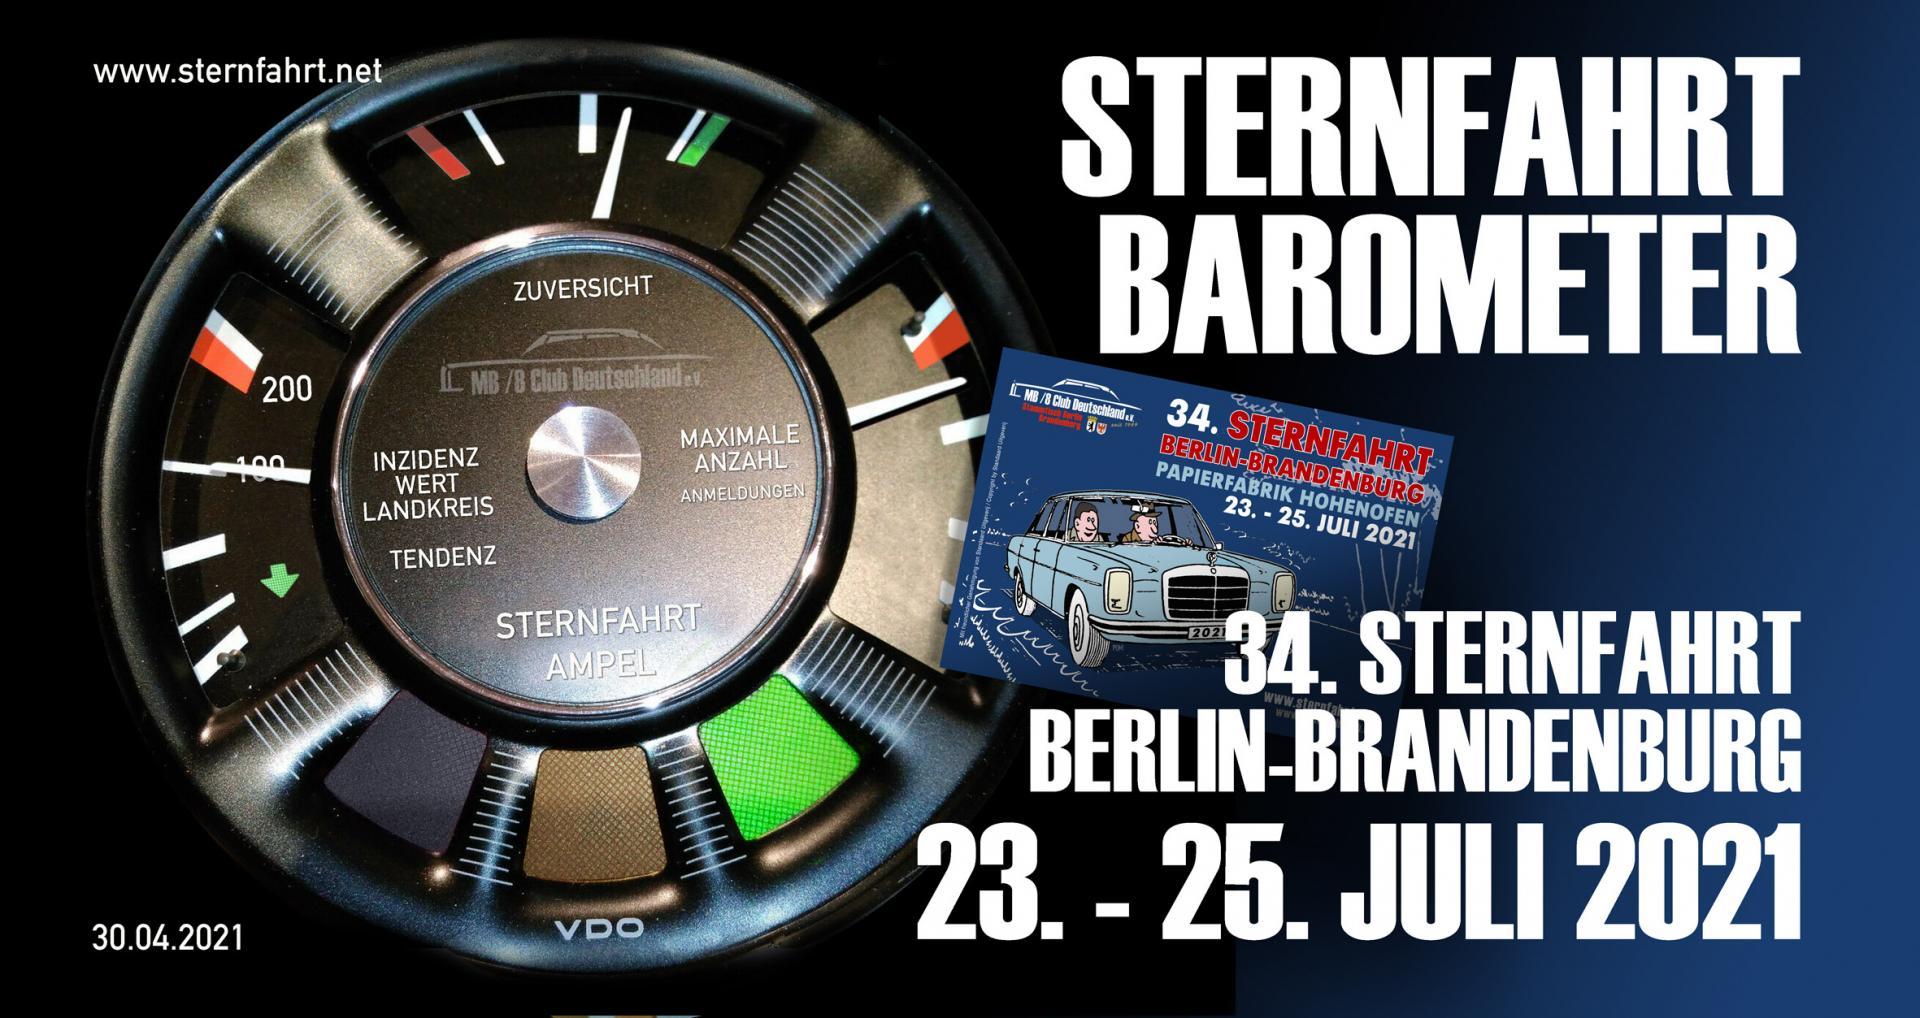 Barometer Berlin